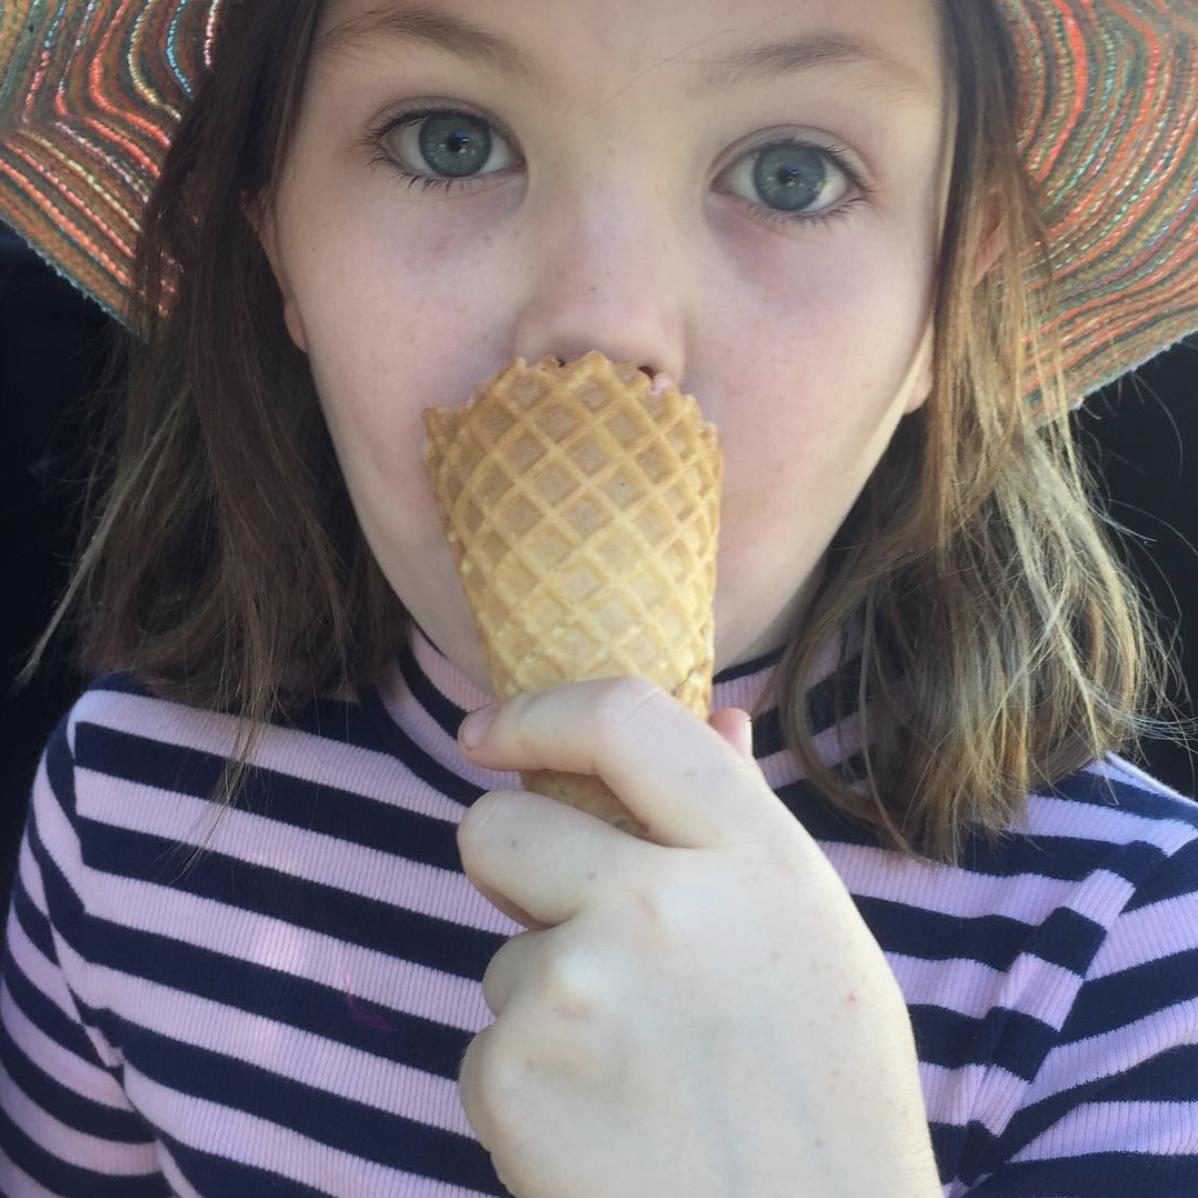 Tanbella ice cream